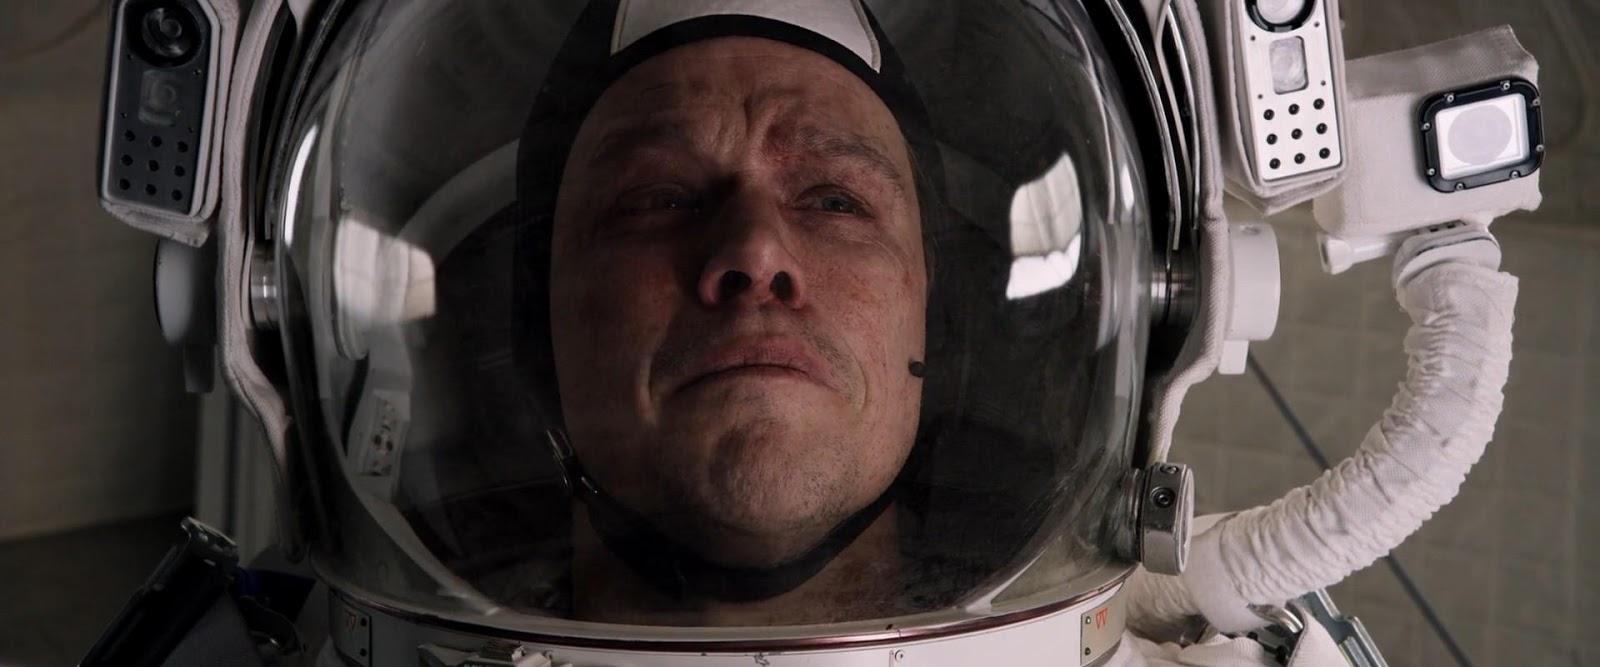 The Martian (2015) 4